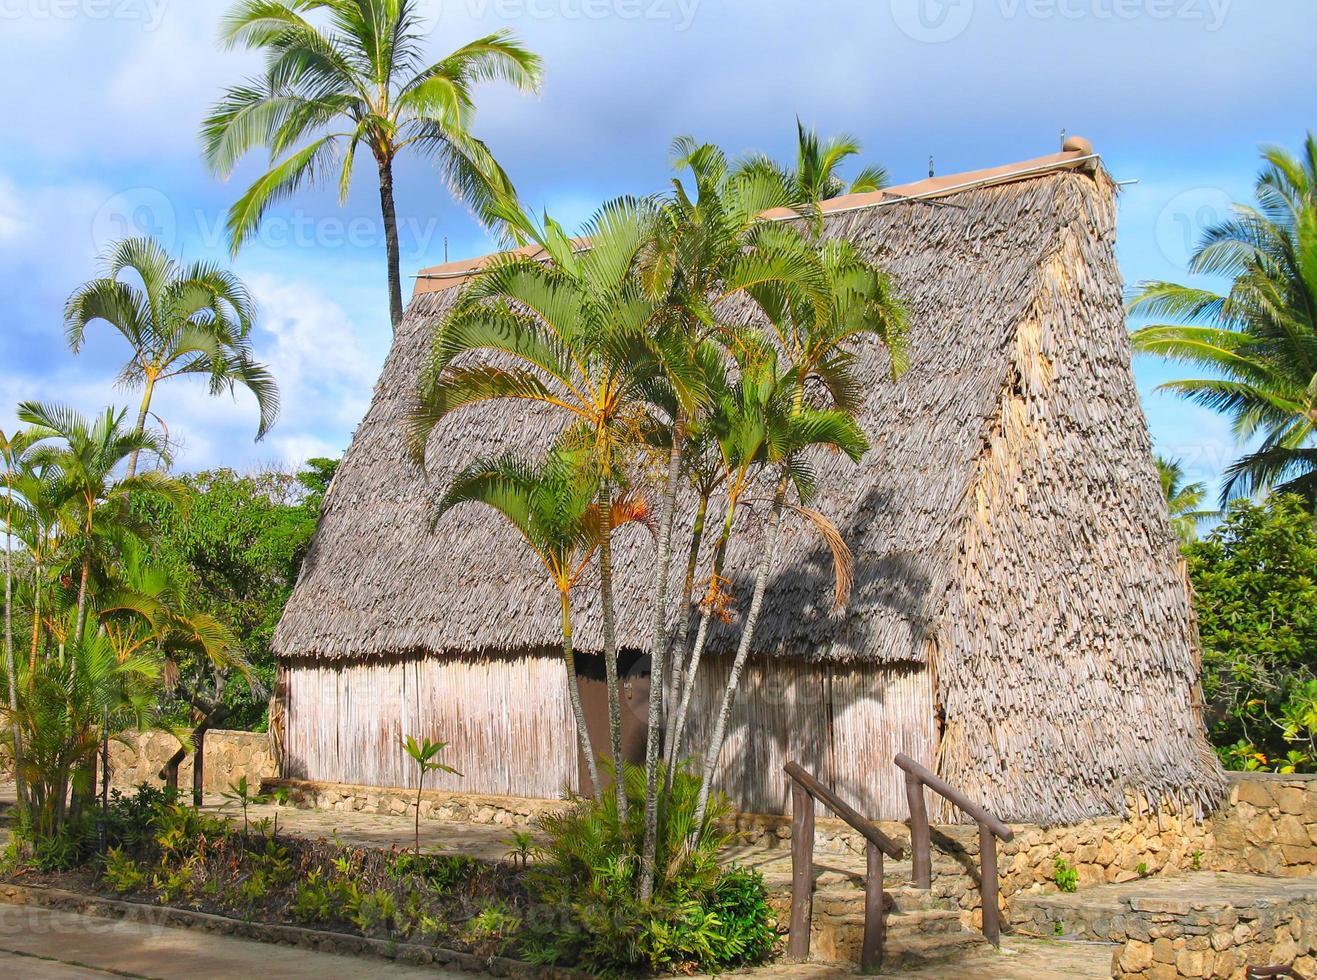 Zuid-Pacifische eilandhut foto